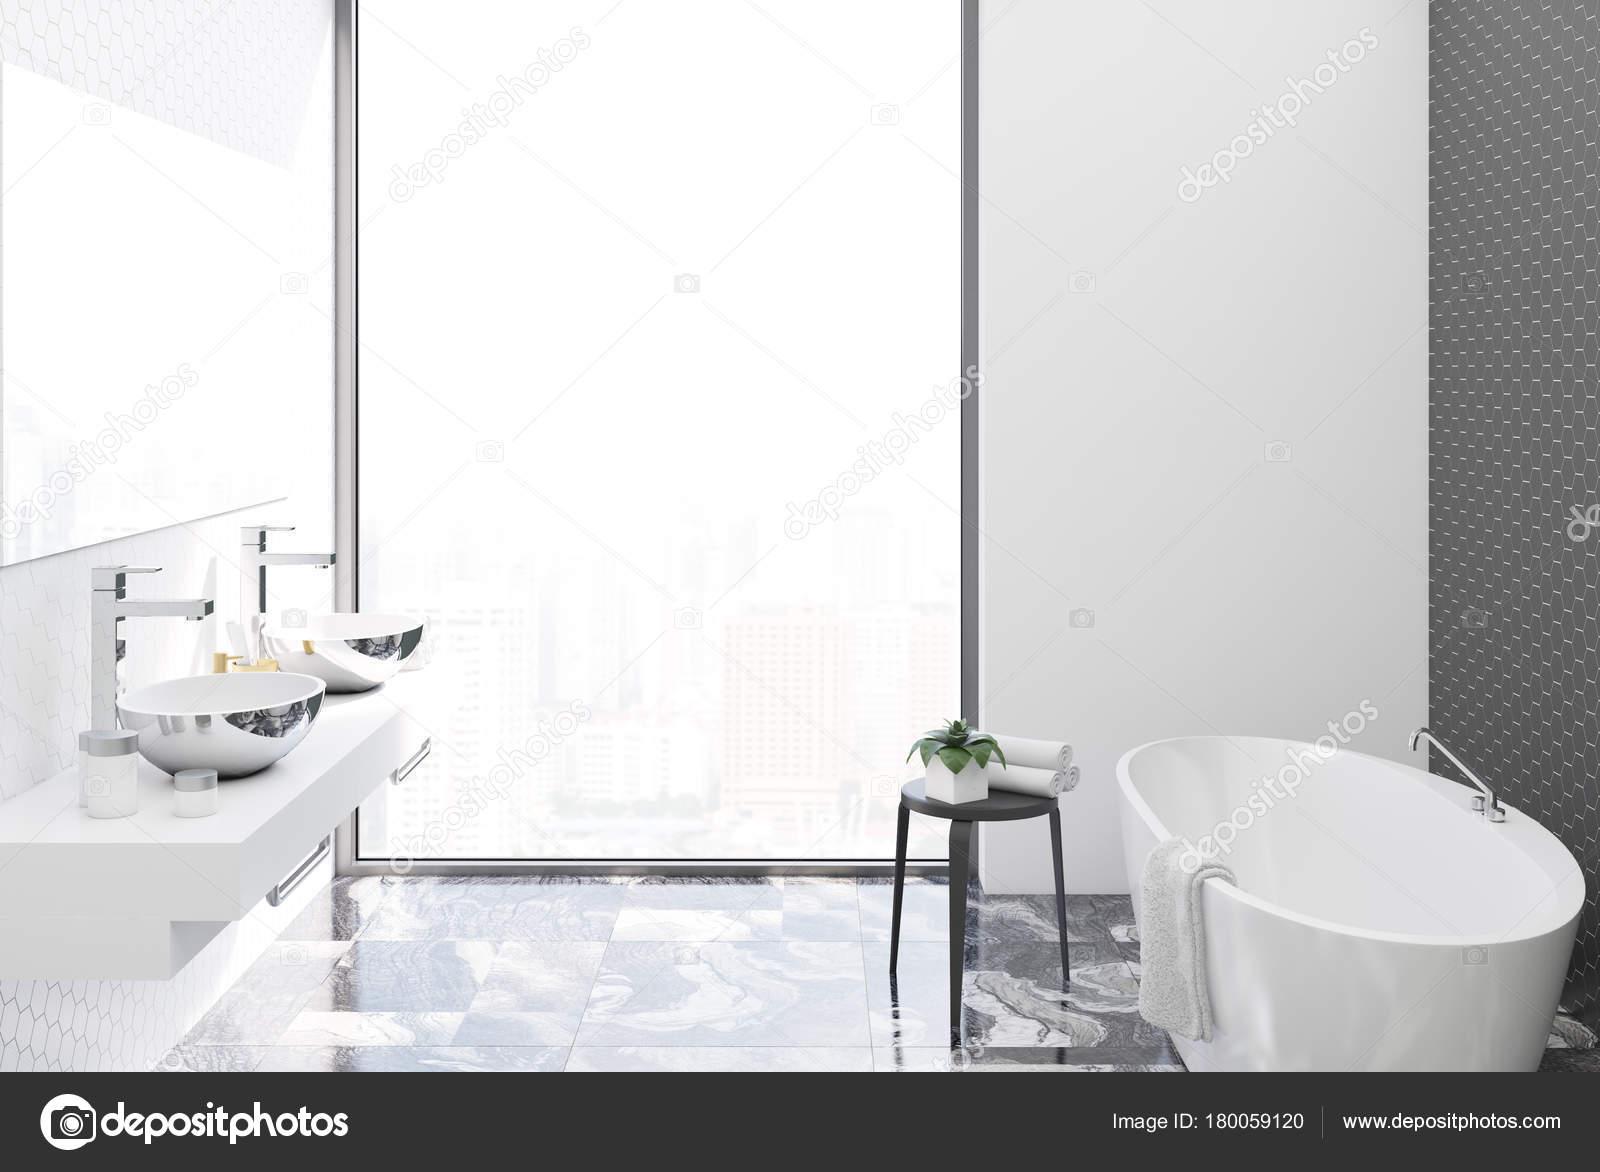 Lavandini bagno bianco e nero metallo u2014 foto stock © denisismagilov